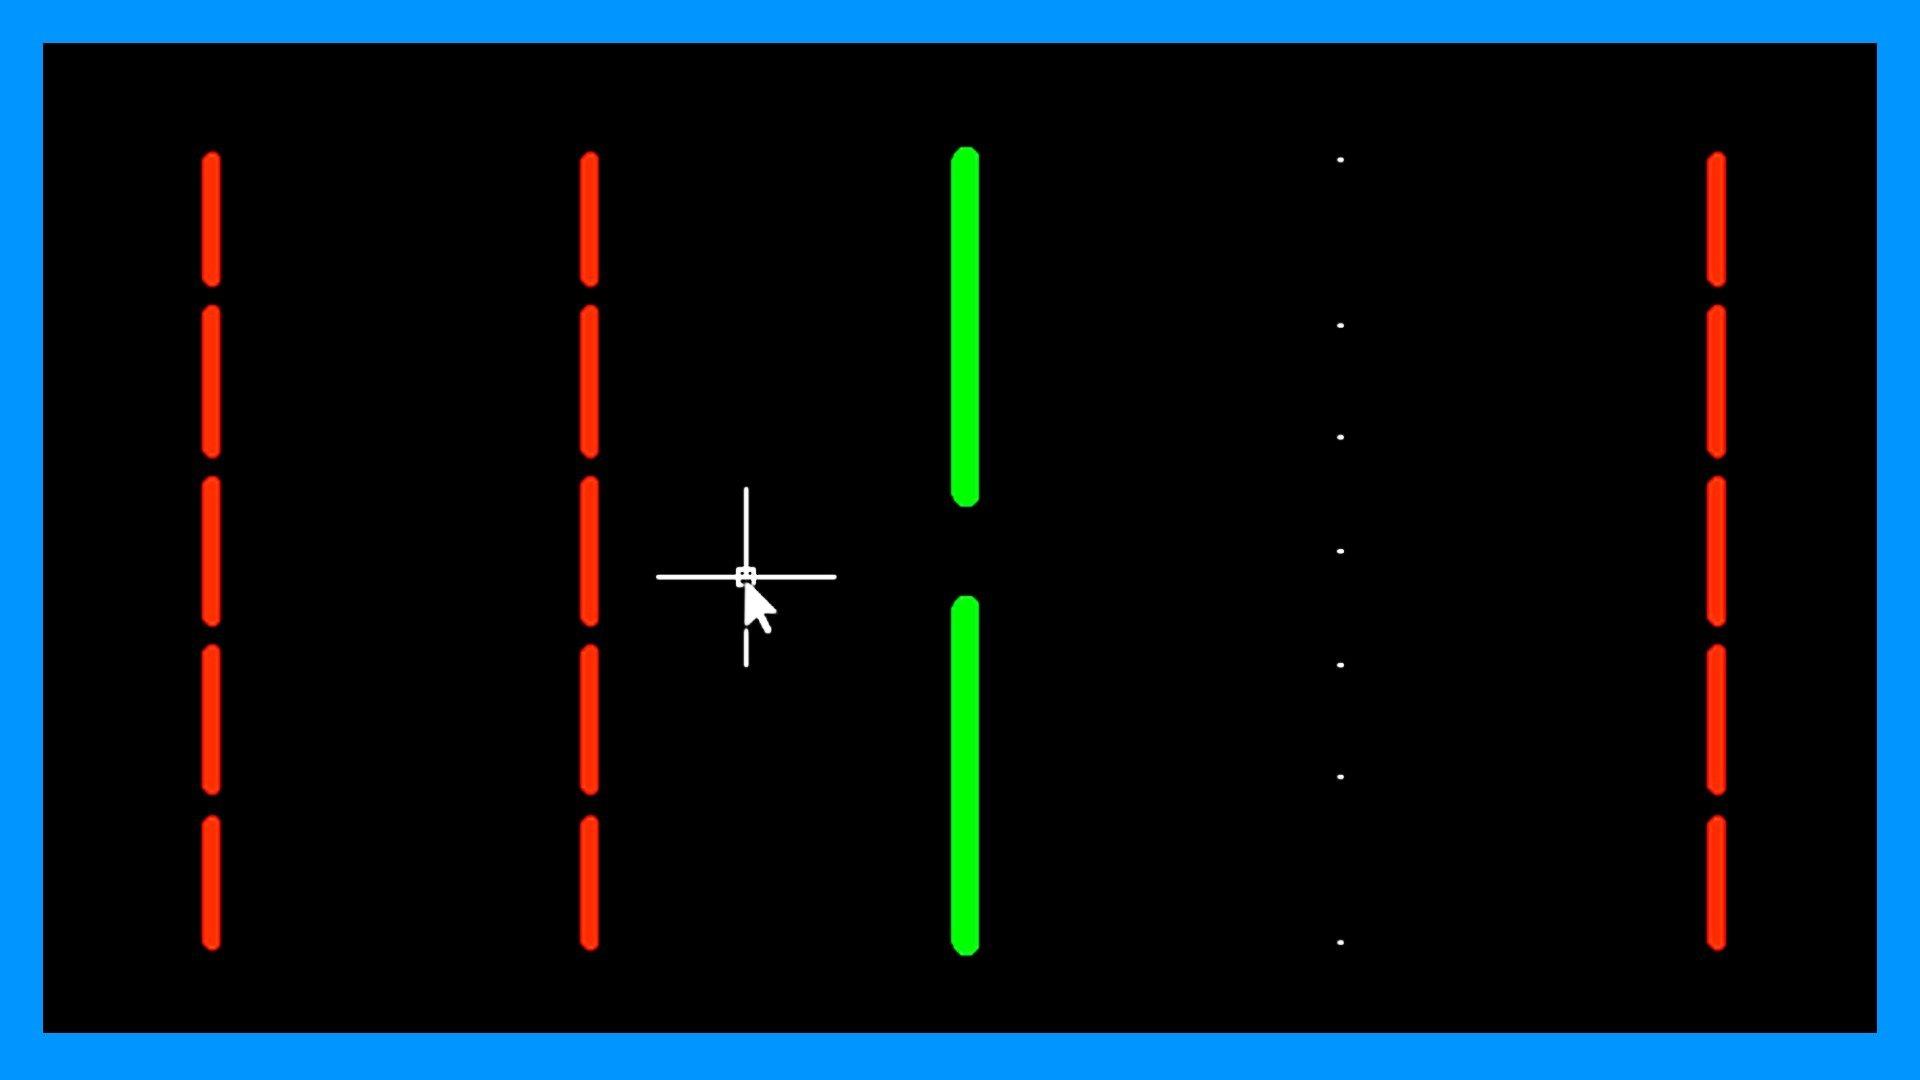 Igualar propiedades en Autocad de líneas y objetos. Copiar propiedades de líneas